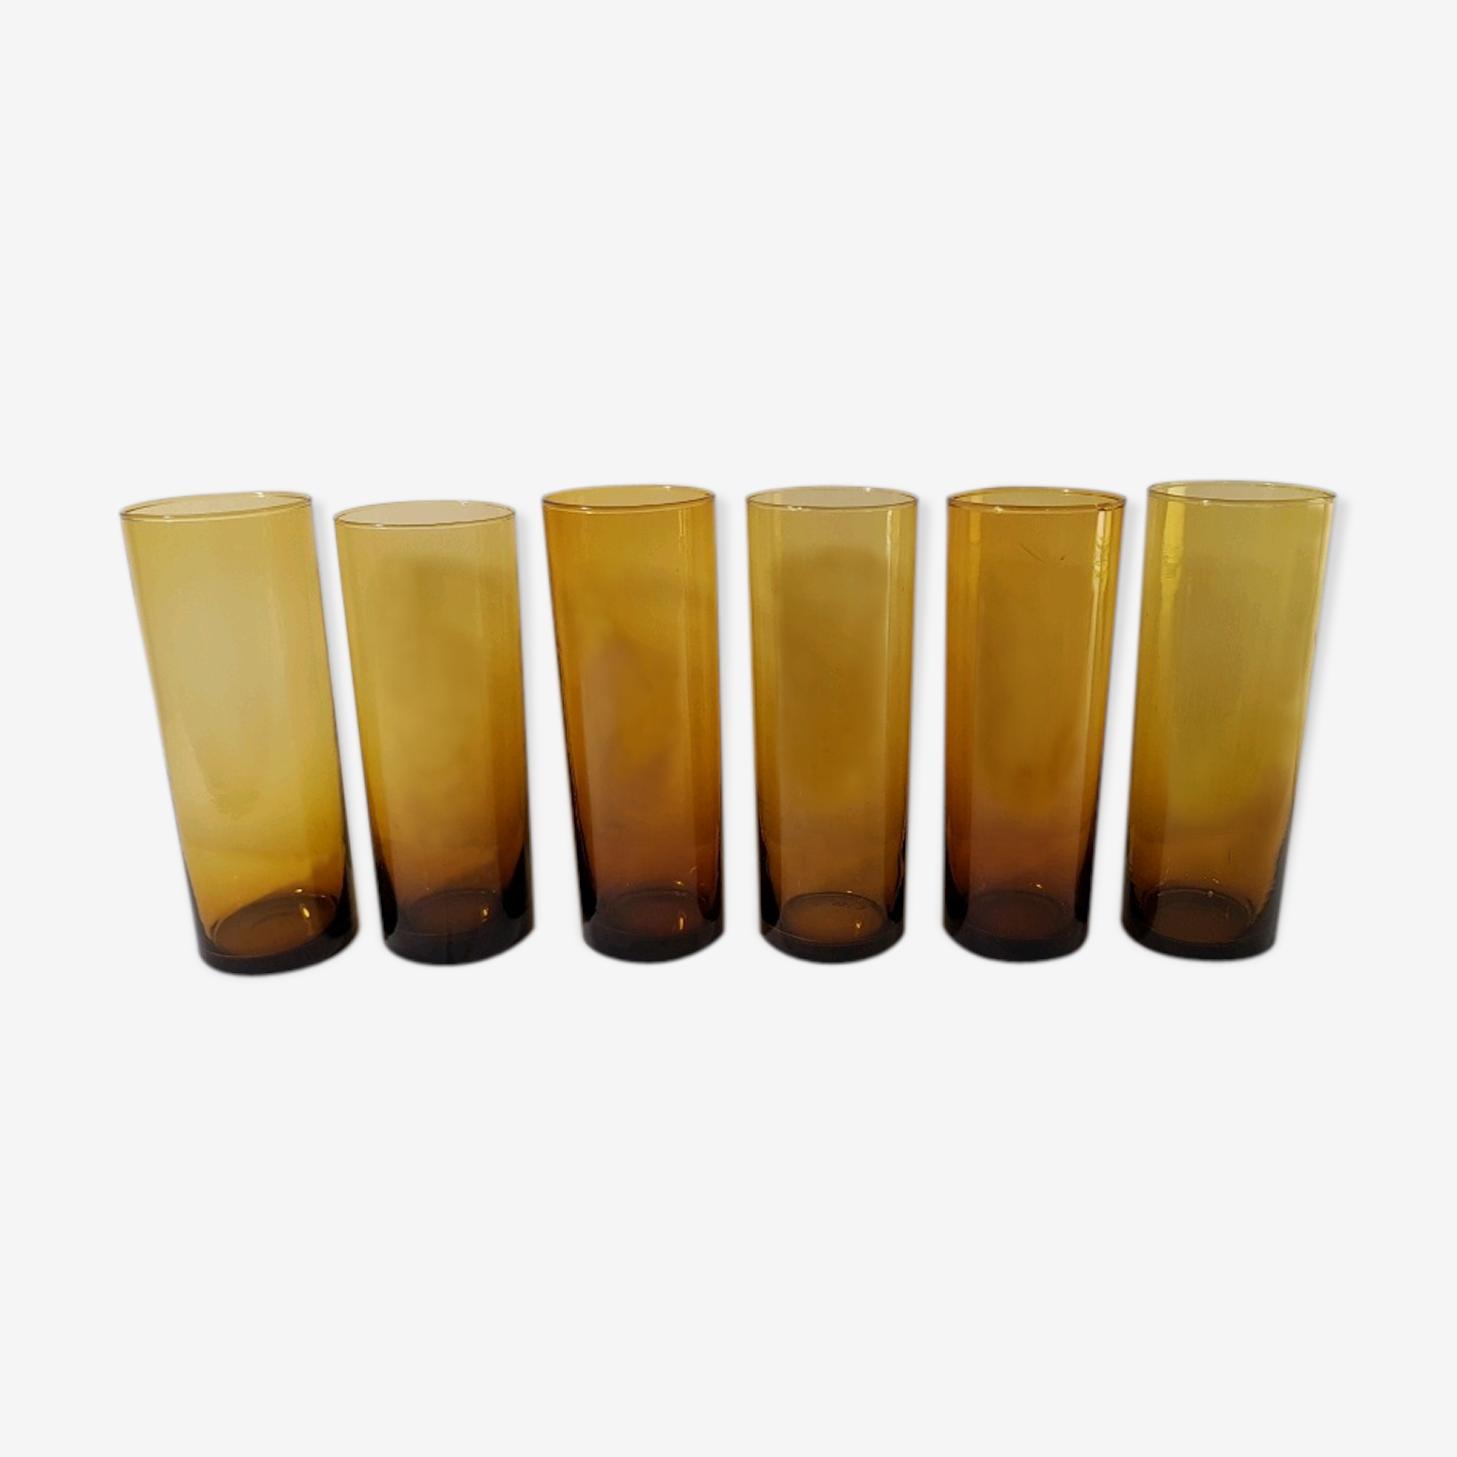 6 verres ambré en verre fin